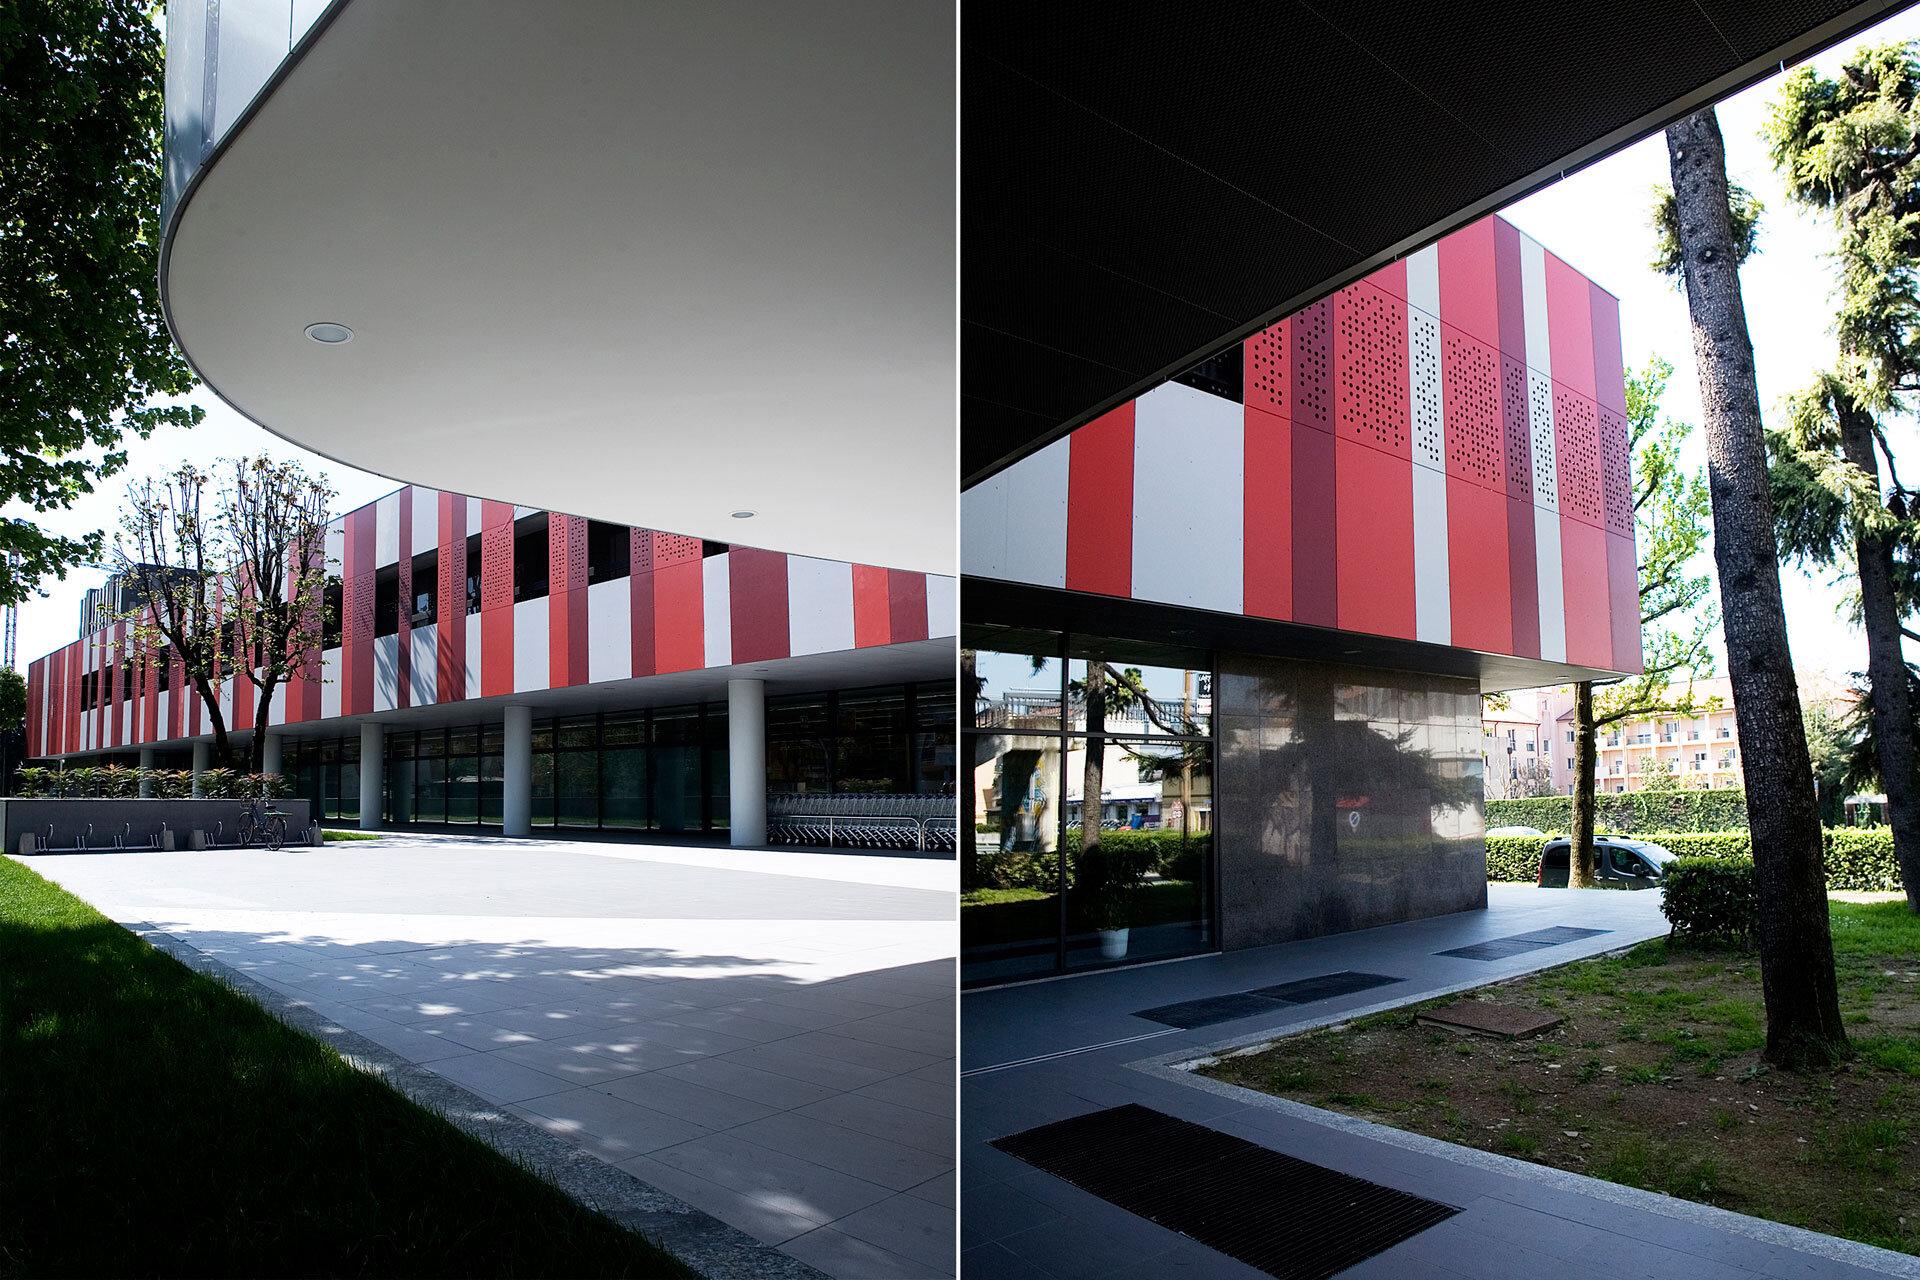 MIRASOLE RETAIL CENTER 3